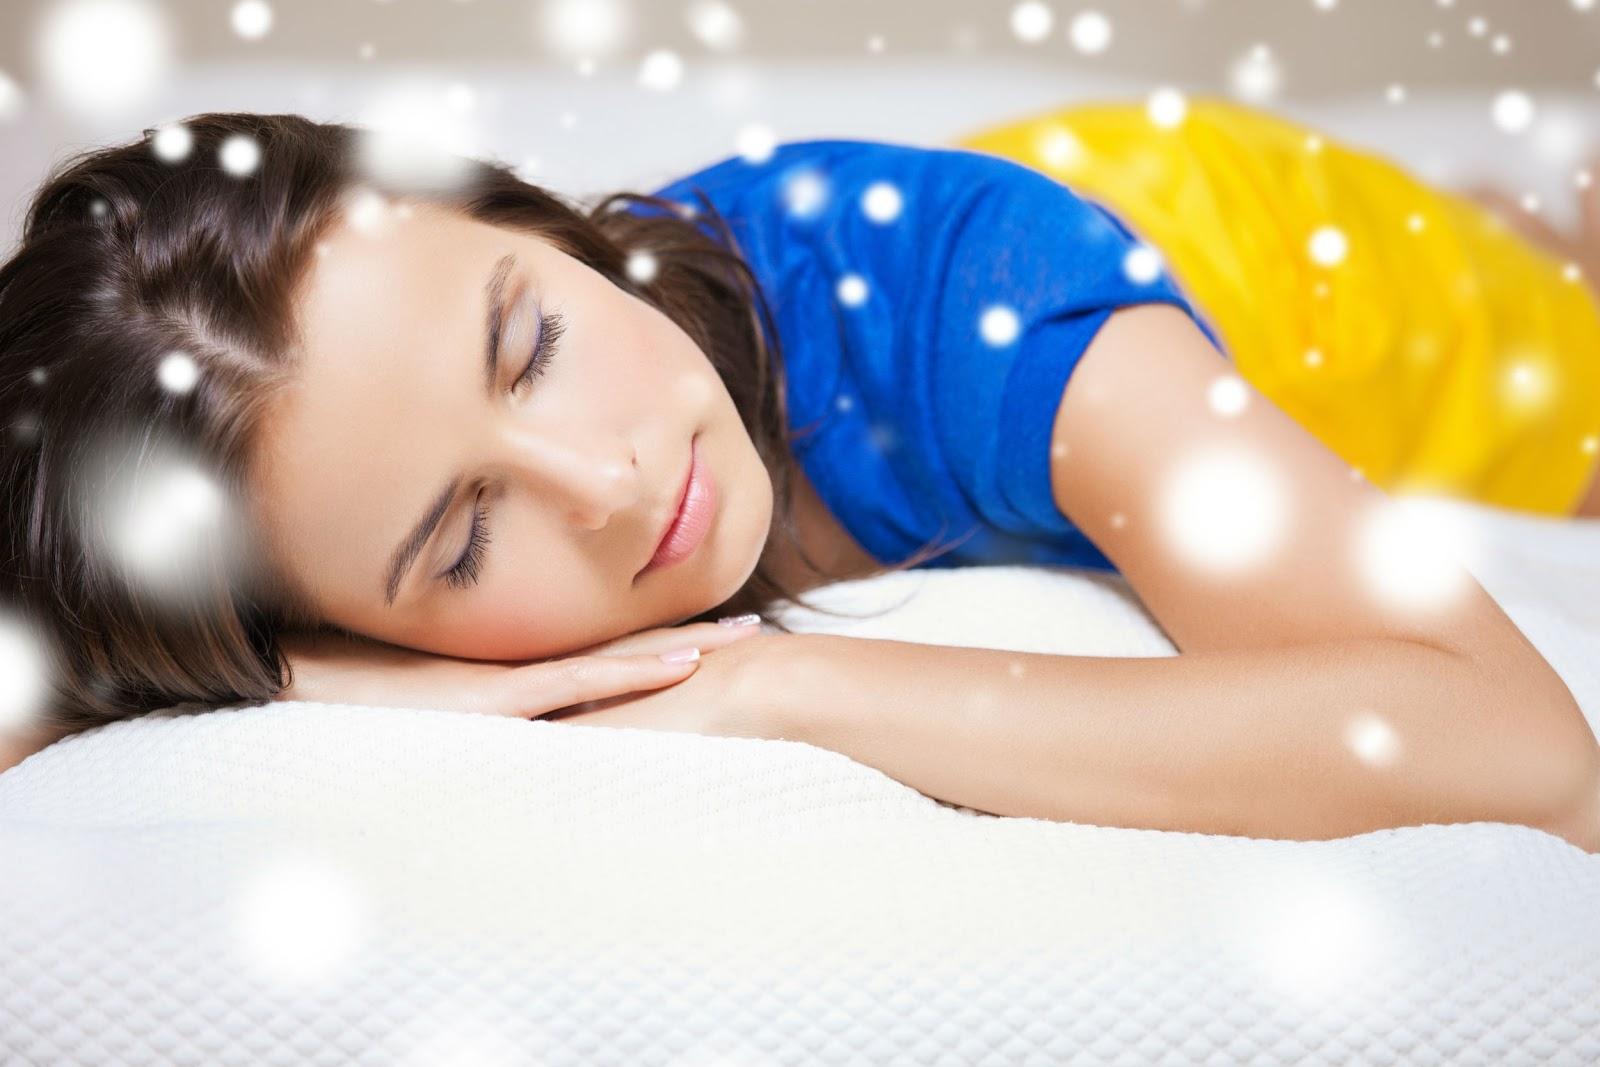 comment bien dormir 6 trucs pour bien dormir lorsque vous ne dormez pas la maison durant les. Black Bedroom Furniture Sets. Home Design Ideas